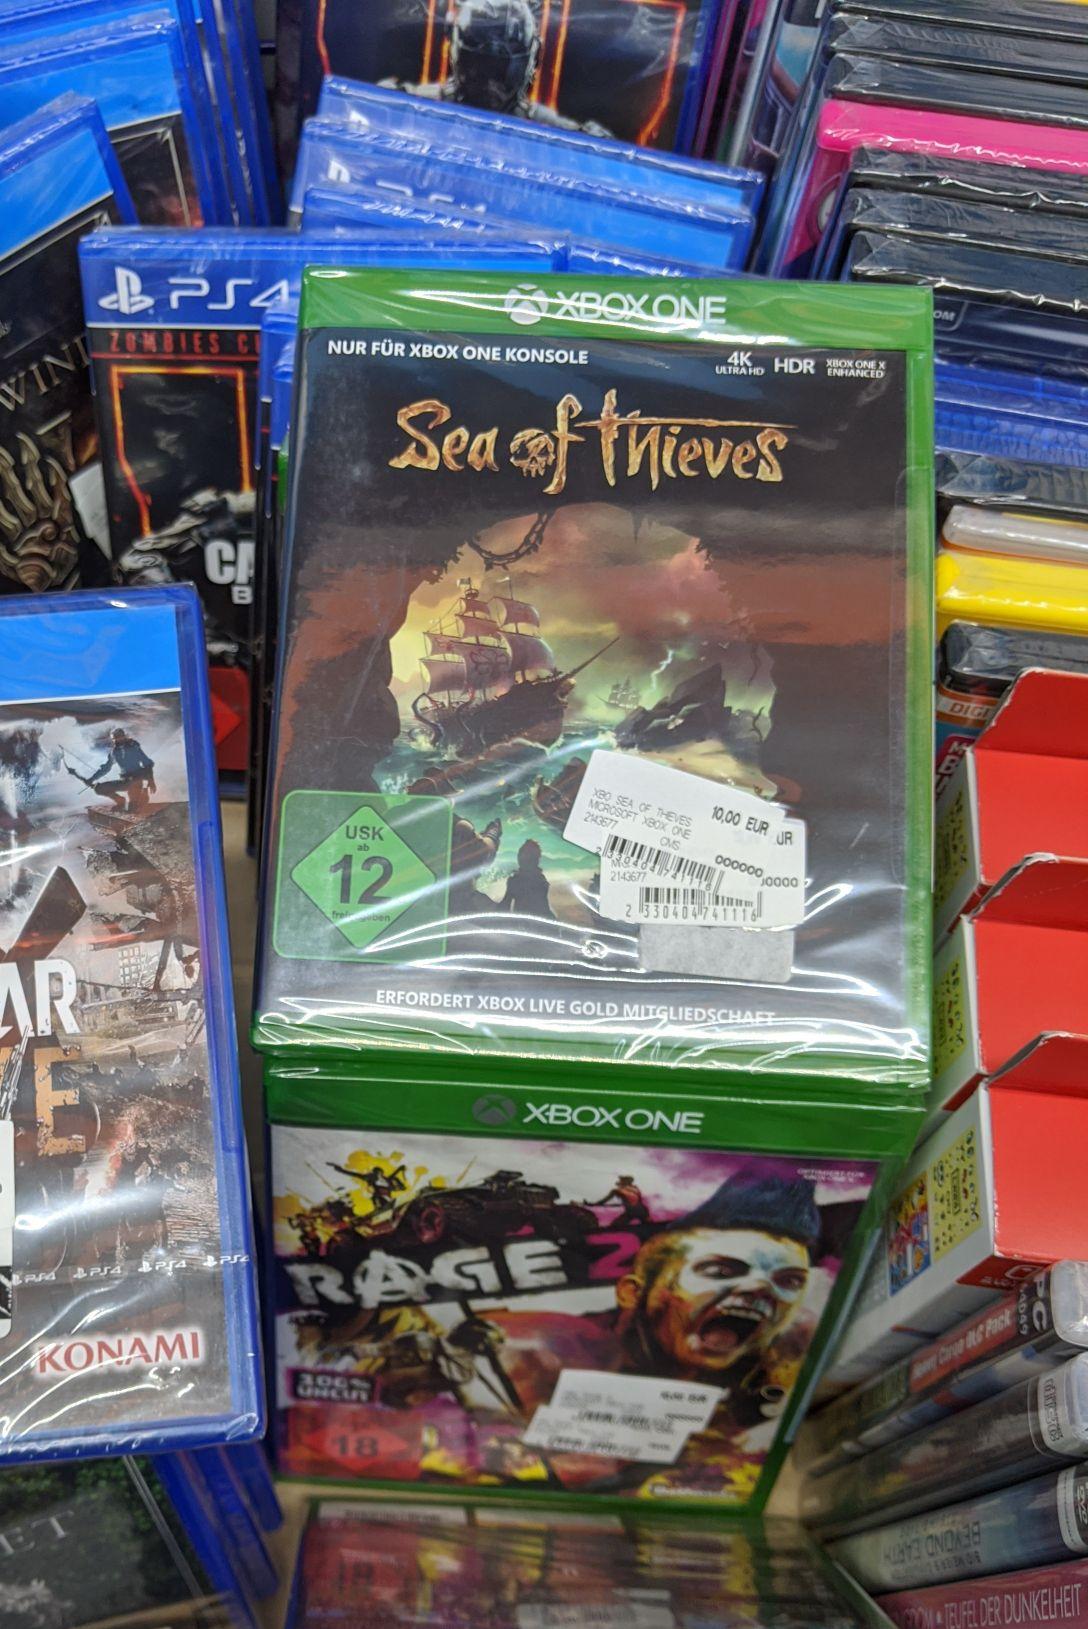 [Lokal] Sea of Thieves und Rage 2 für Xbox One für je 10€ im Saturn Karlsruhe Durlach